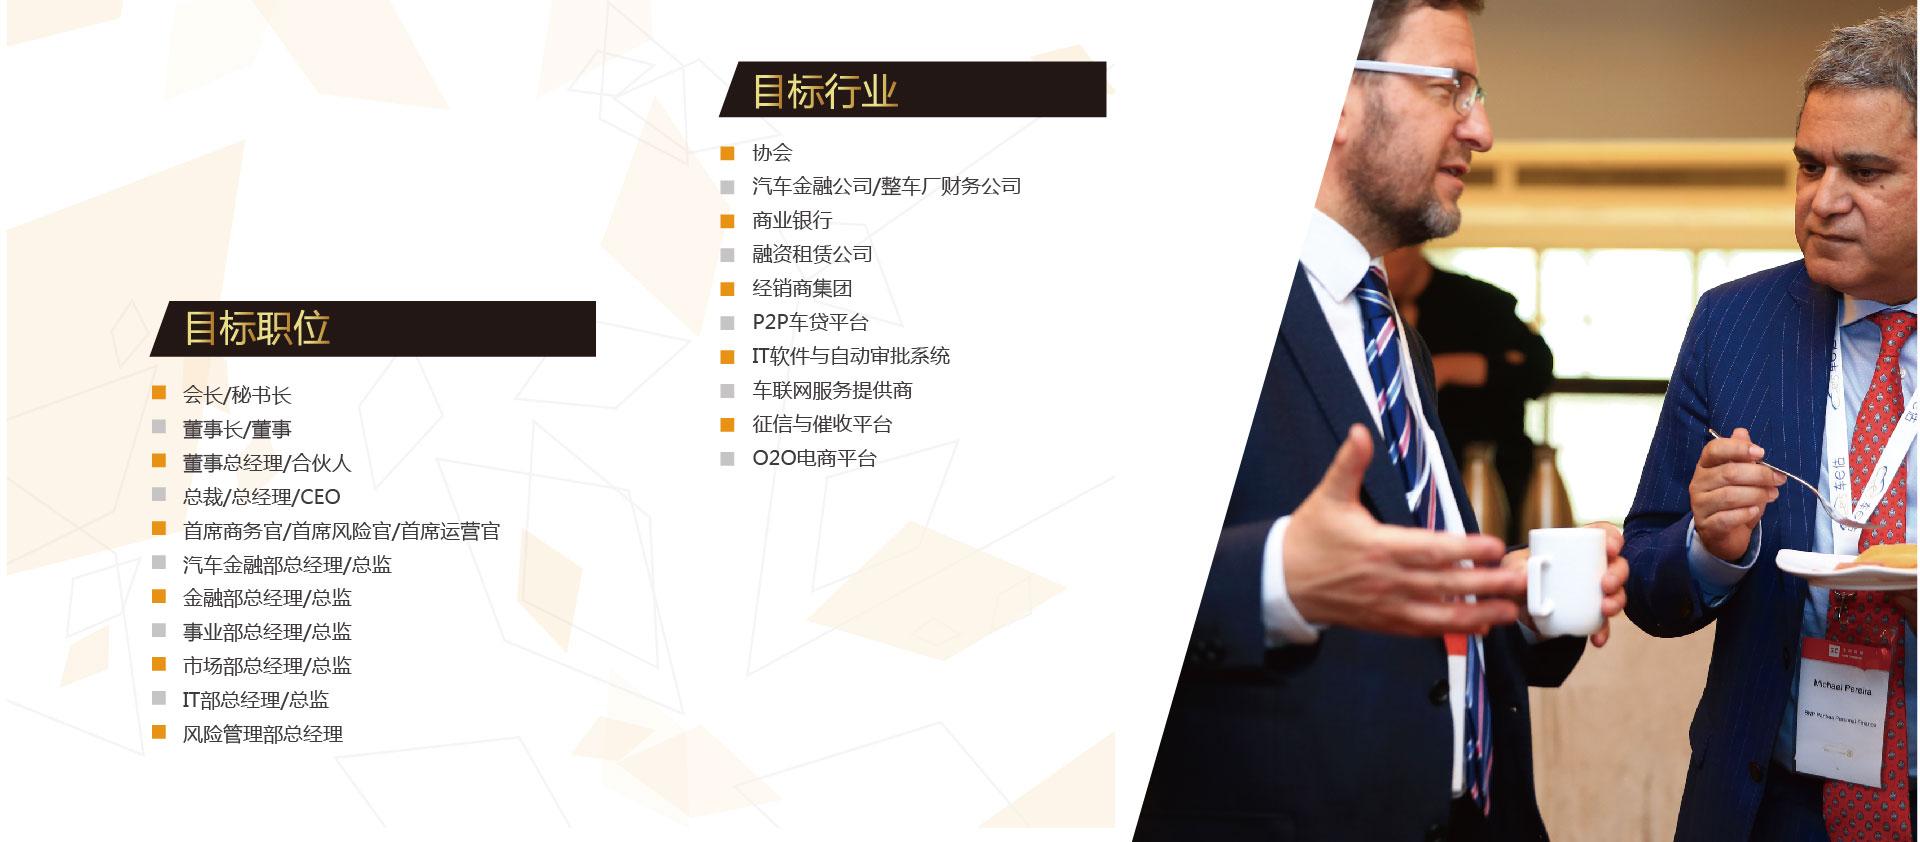 2018第三届中国汽车金融国际峰会